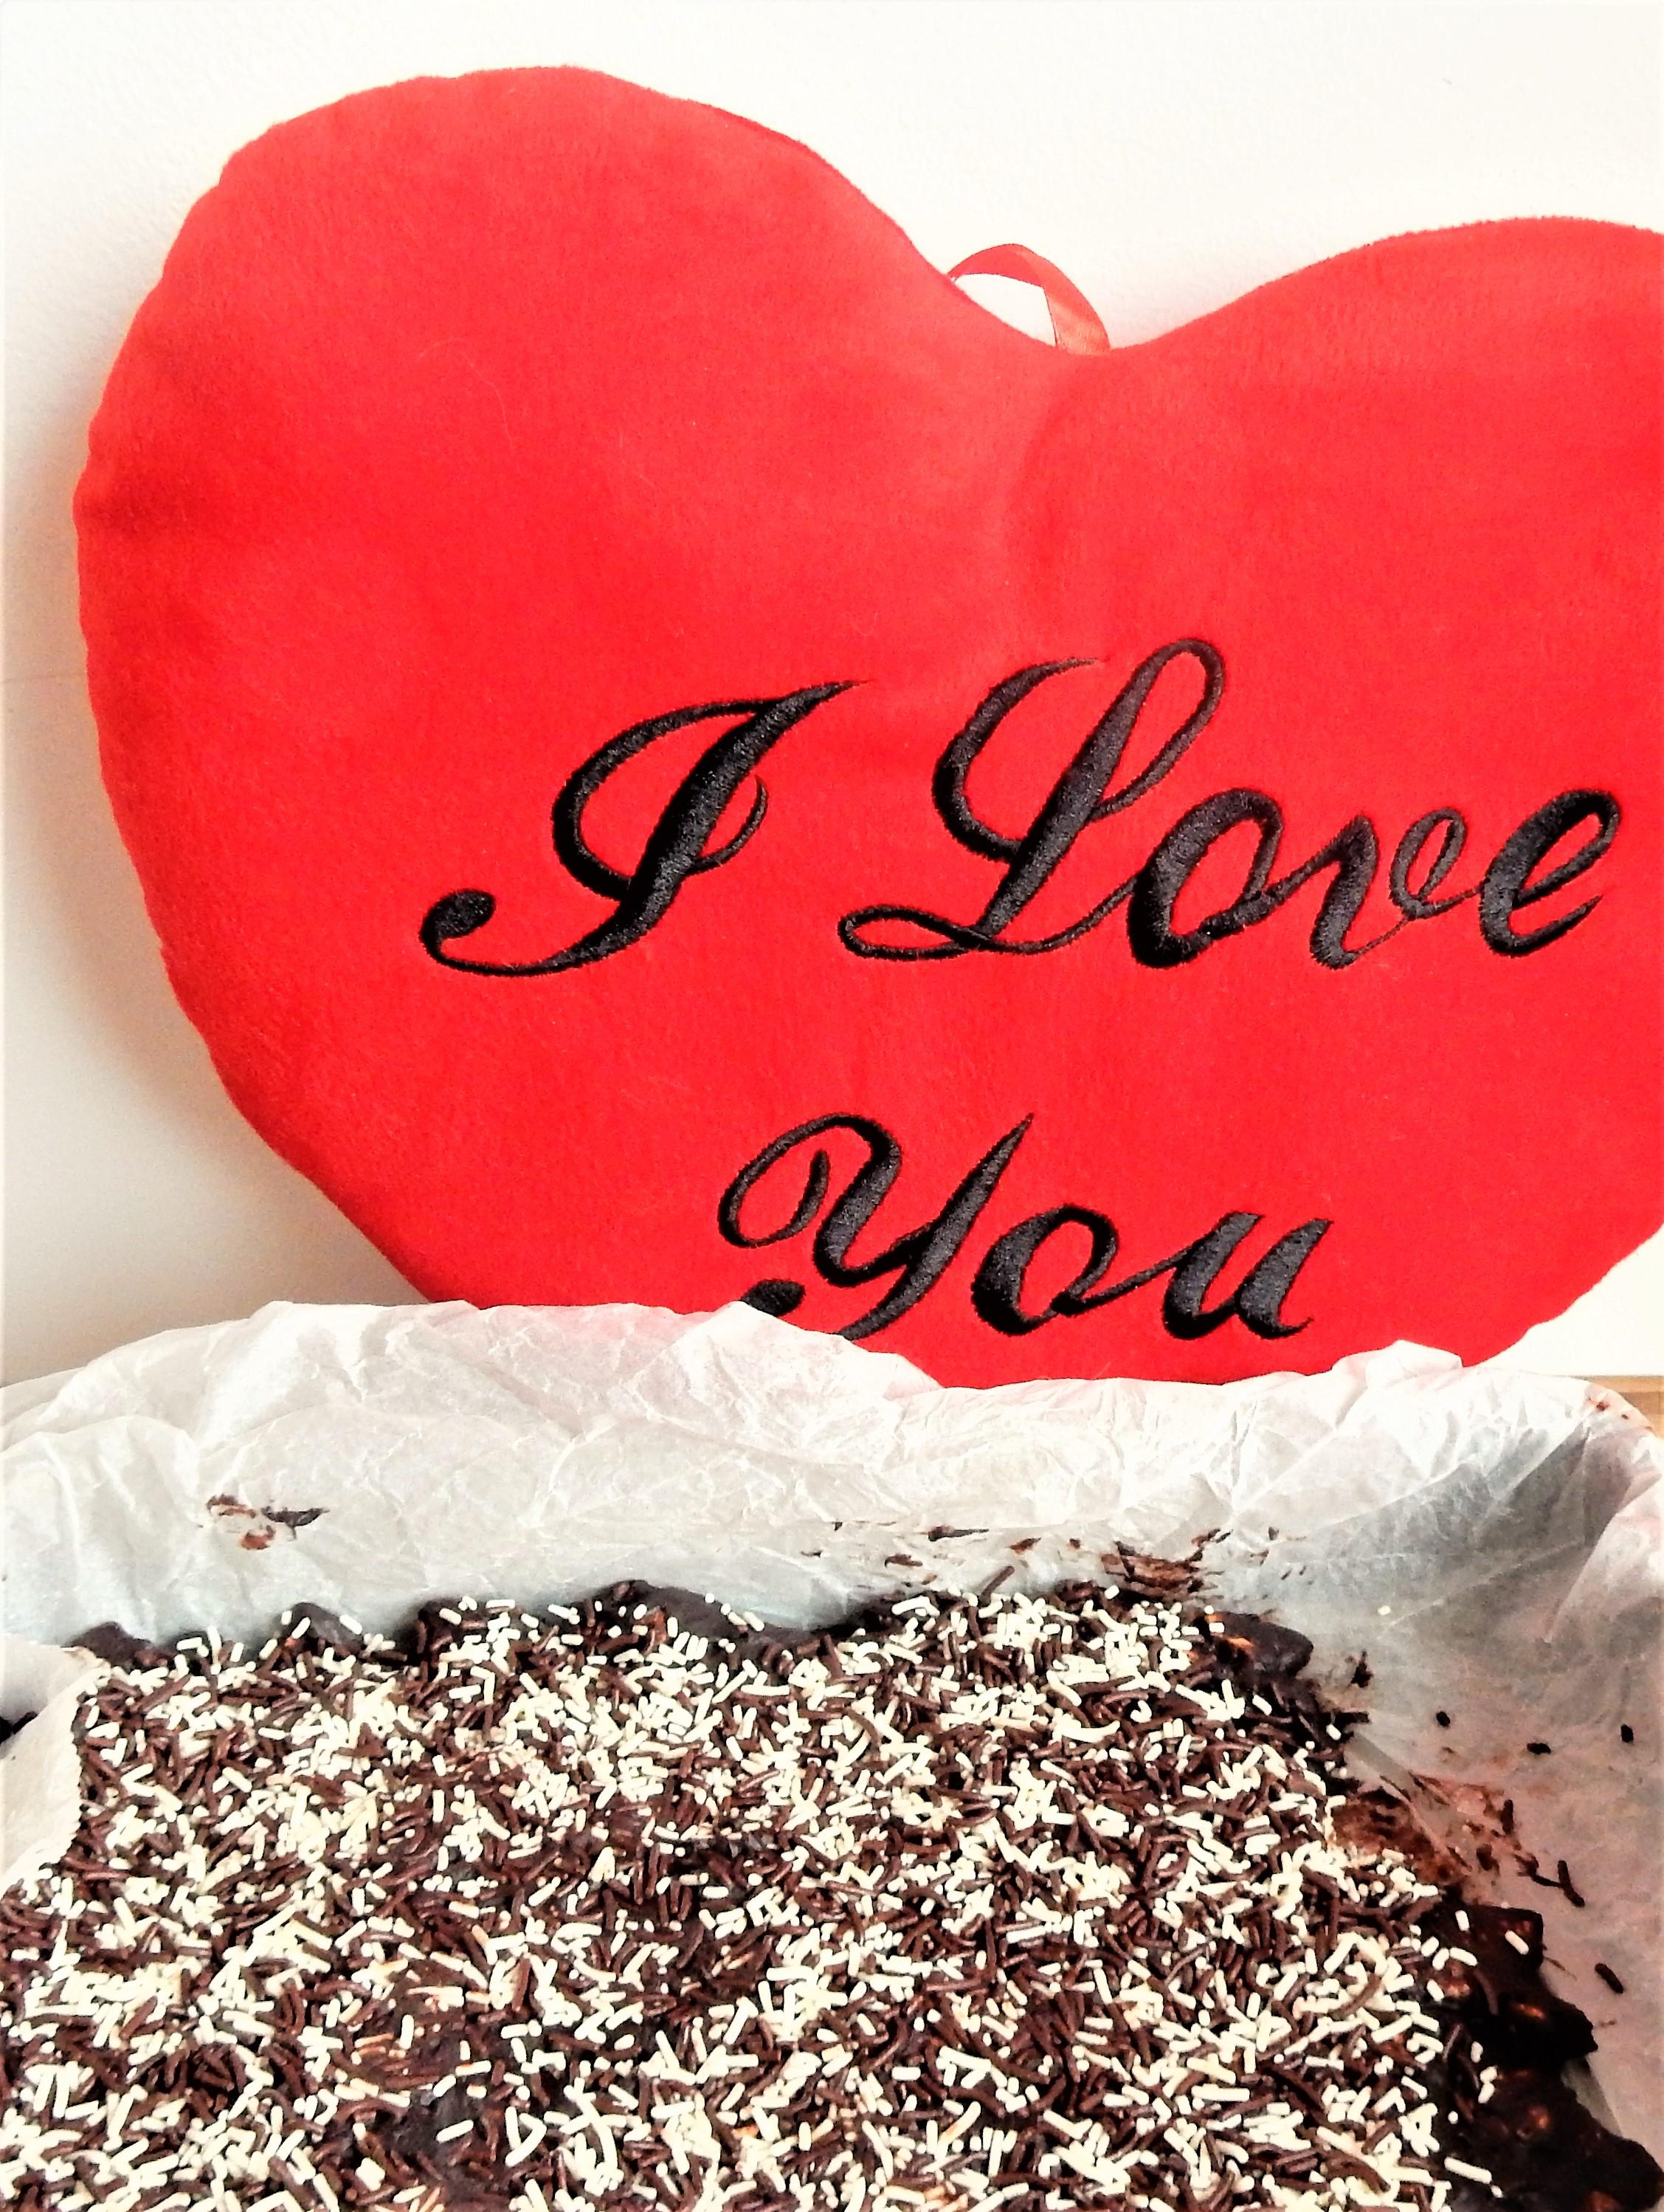 Arretjescake, dit oud Hollands chocolade recept